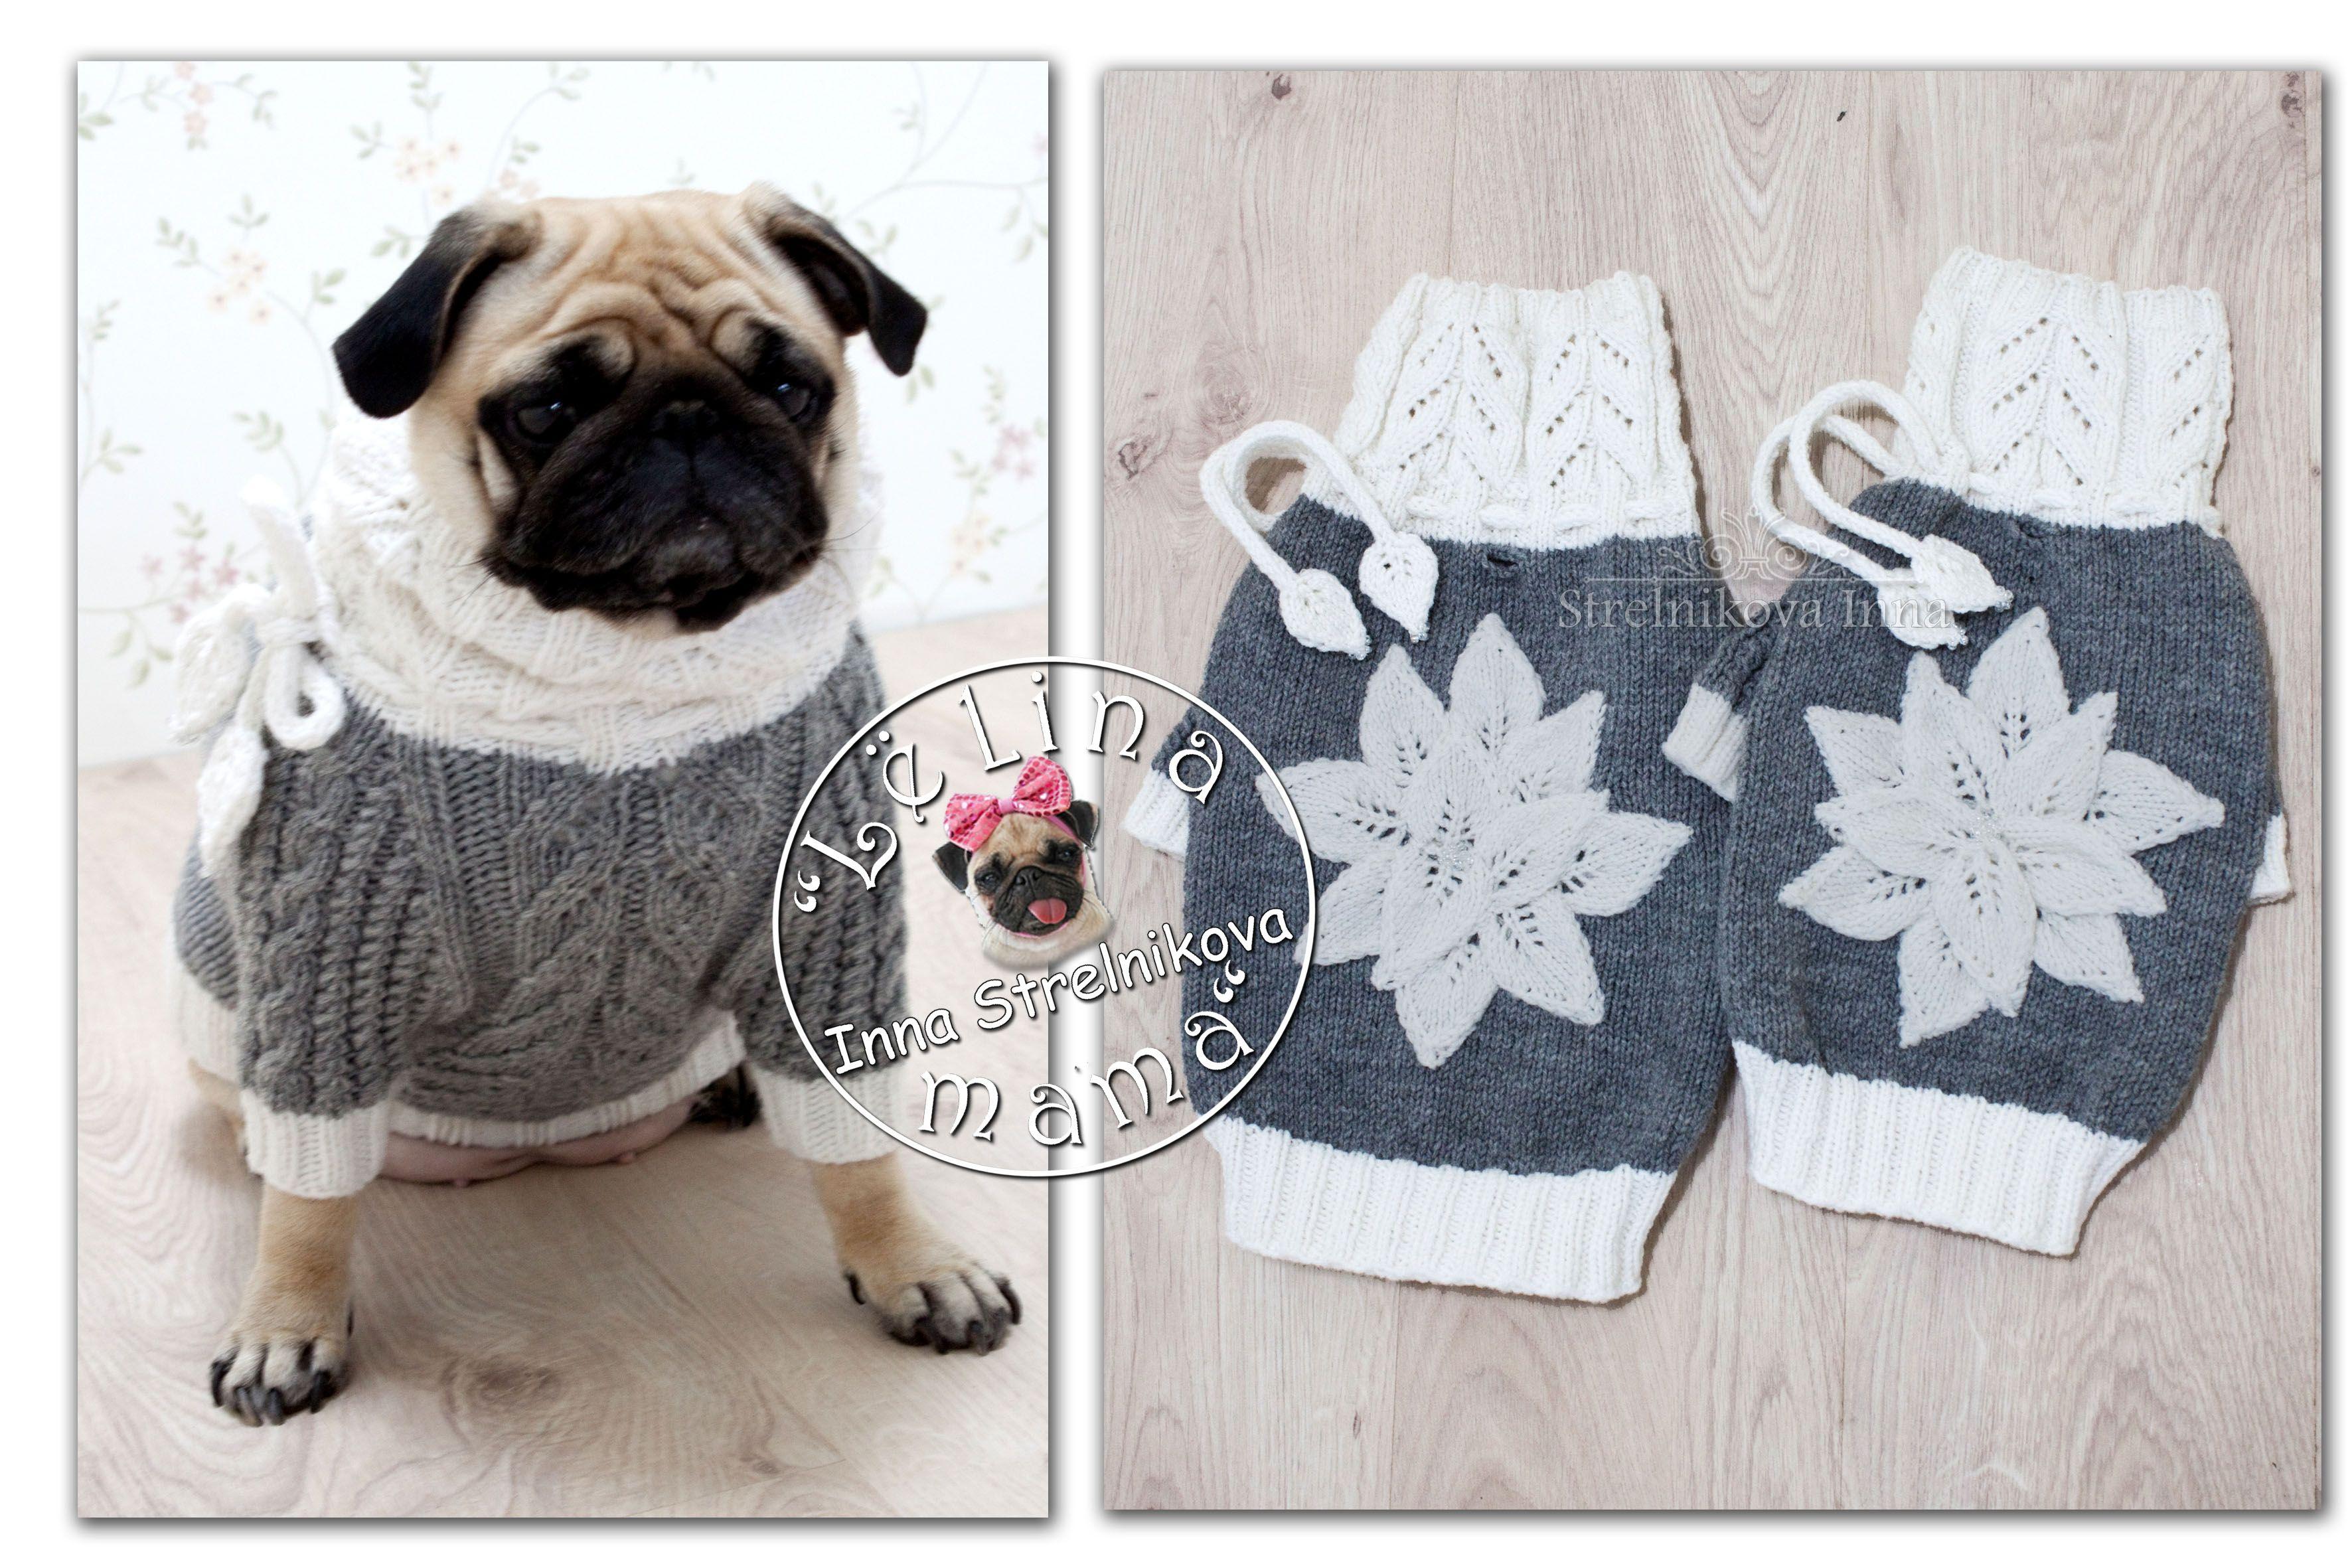 Pin de Mary en Собачка | Pinterest | Ropa para perros, Perros y Mascotas